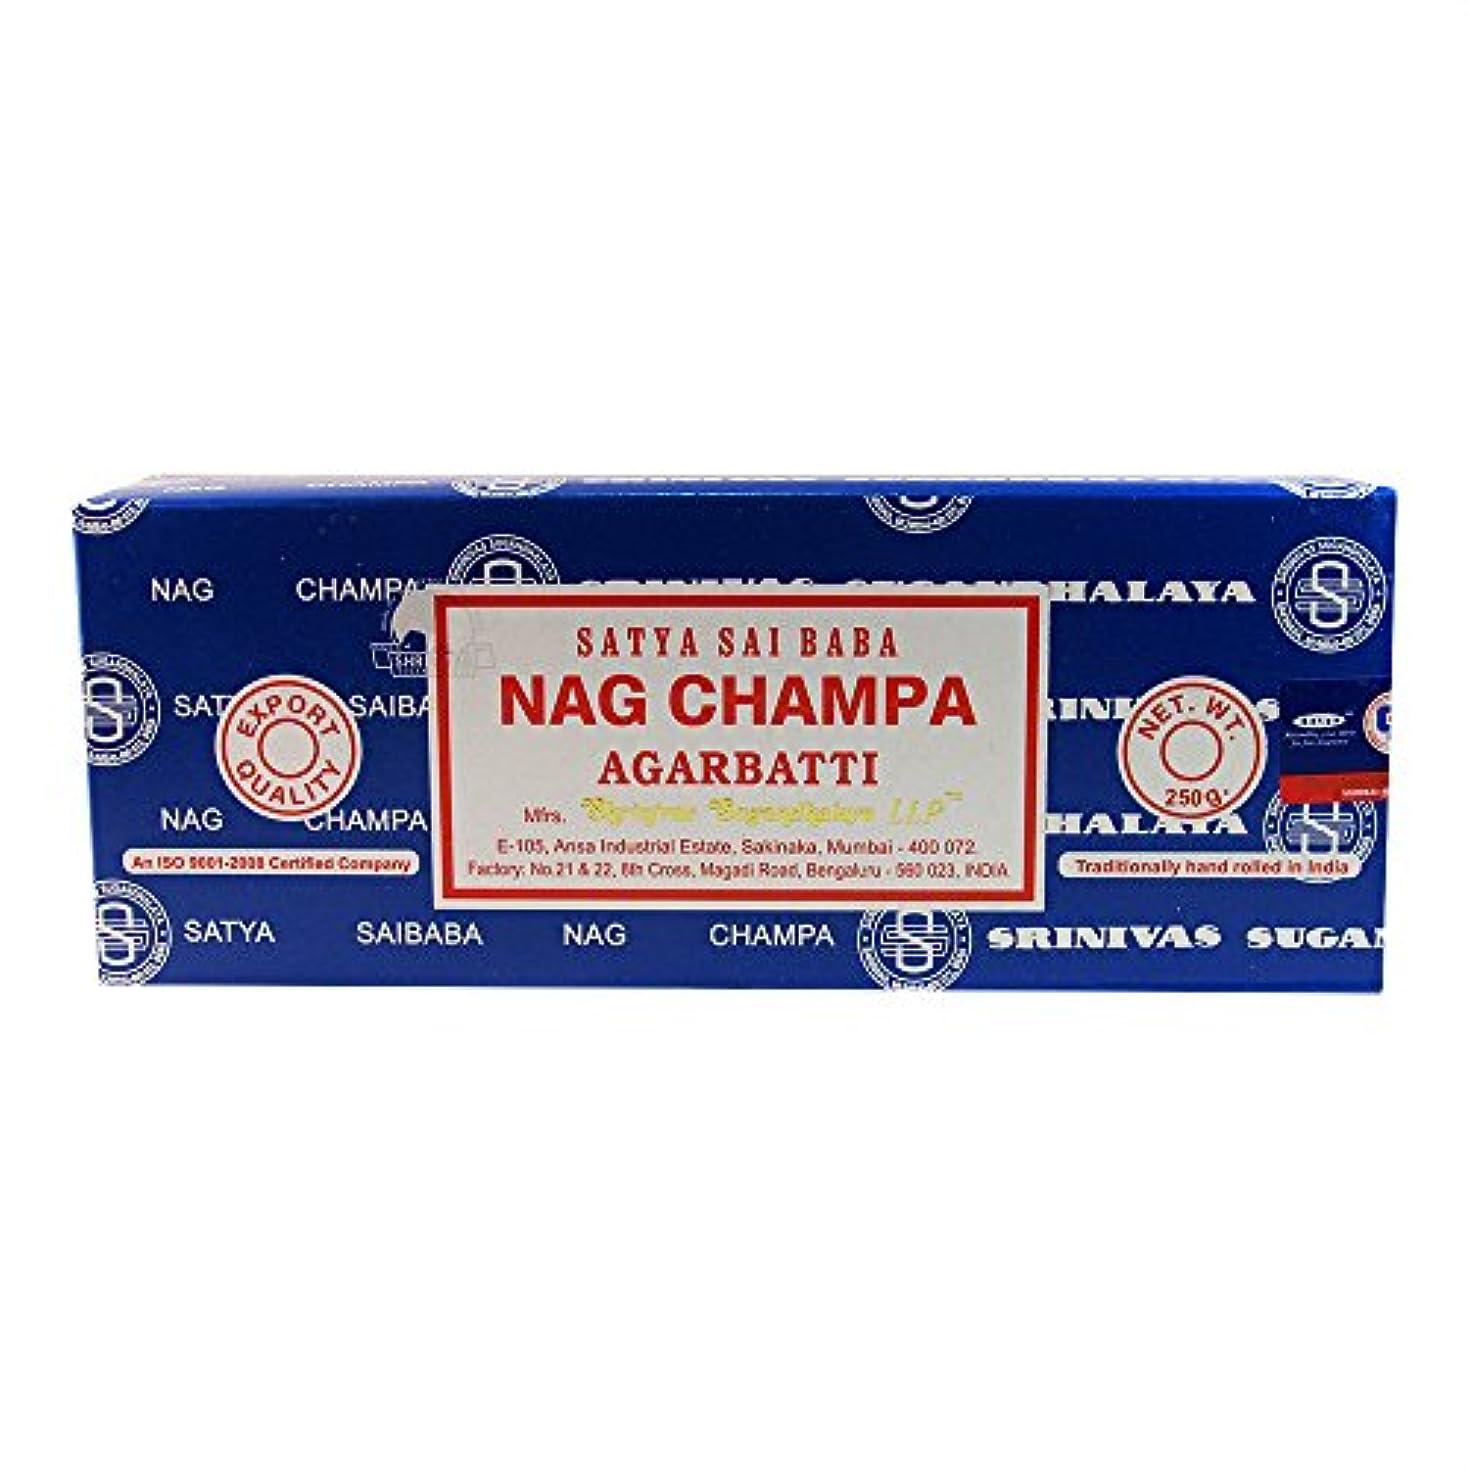 遺伝子ロマンチック仕方海外直送品Nag Champa Incense, 250 GRAMS by Sai Baba